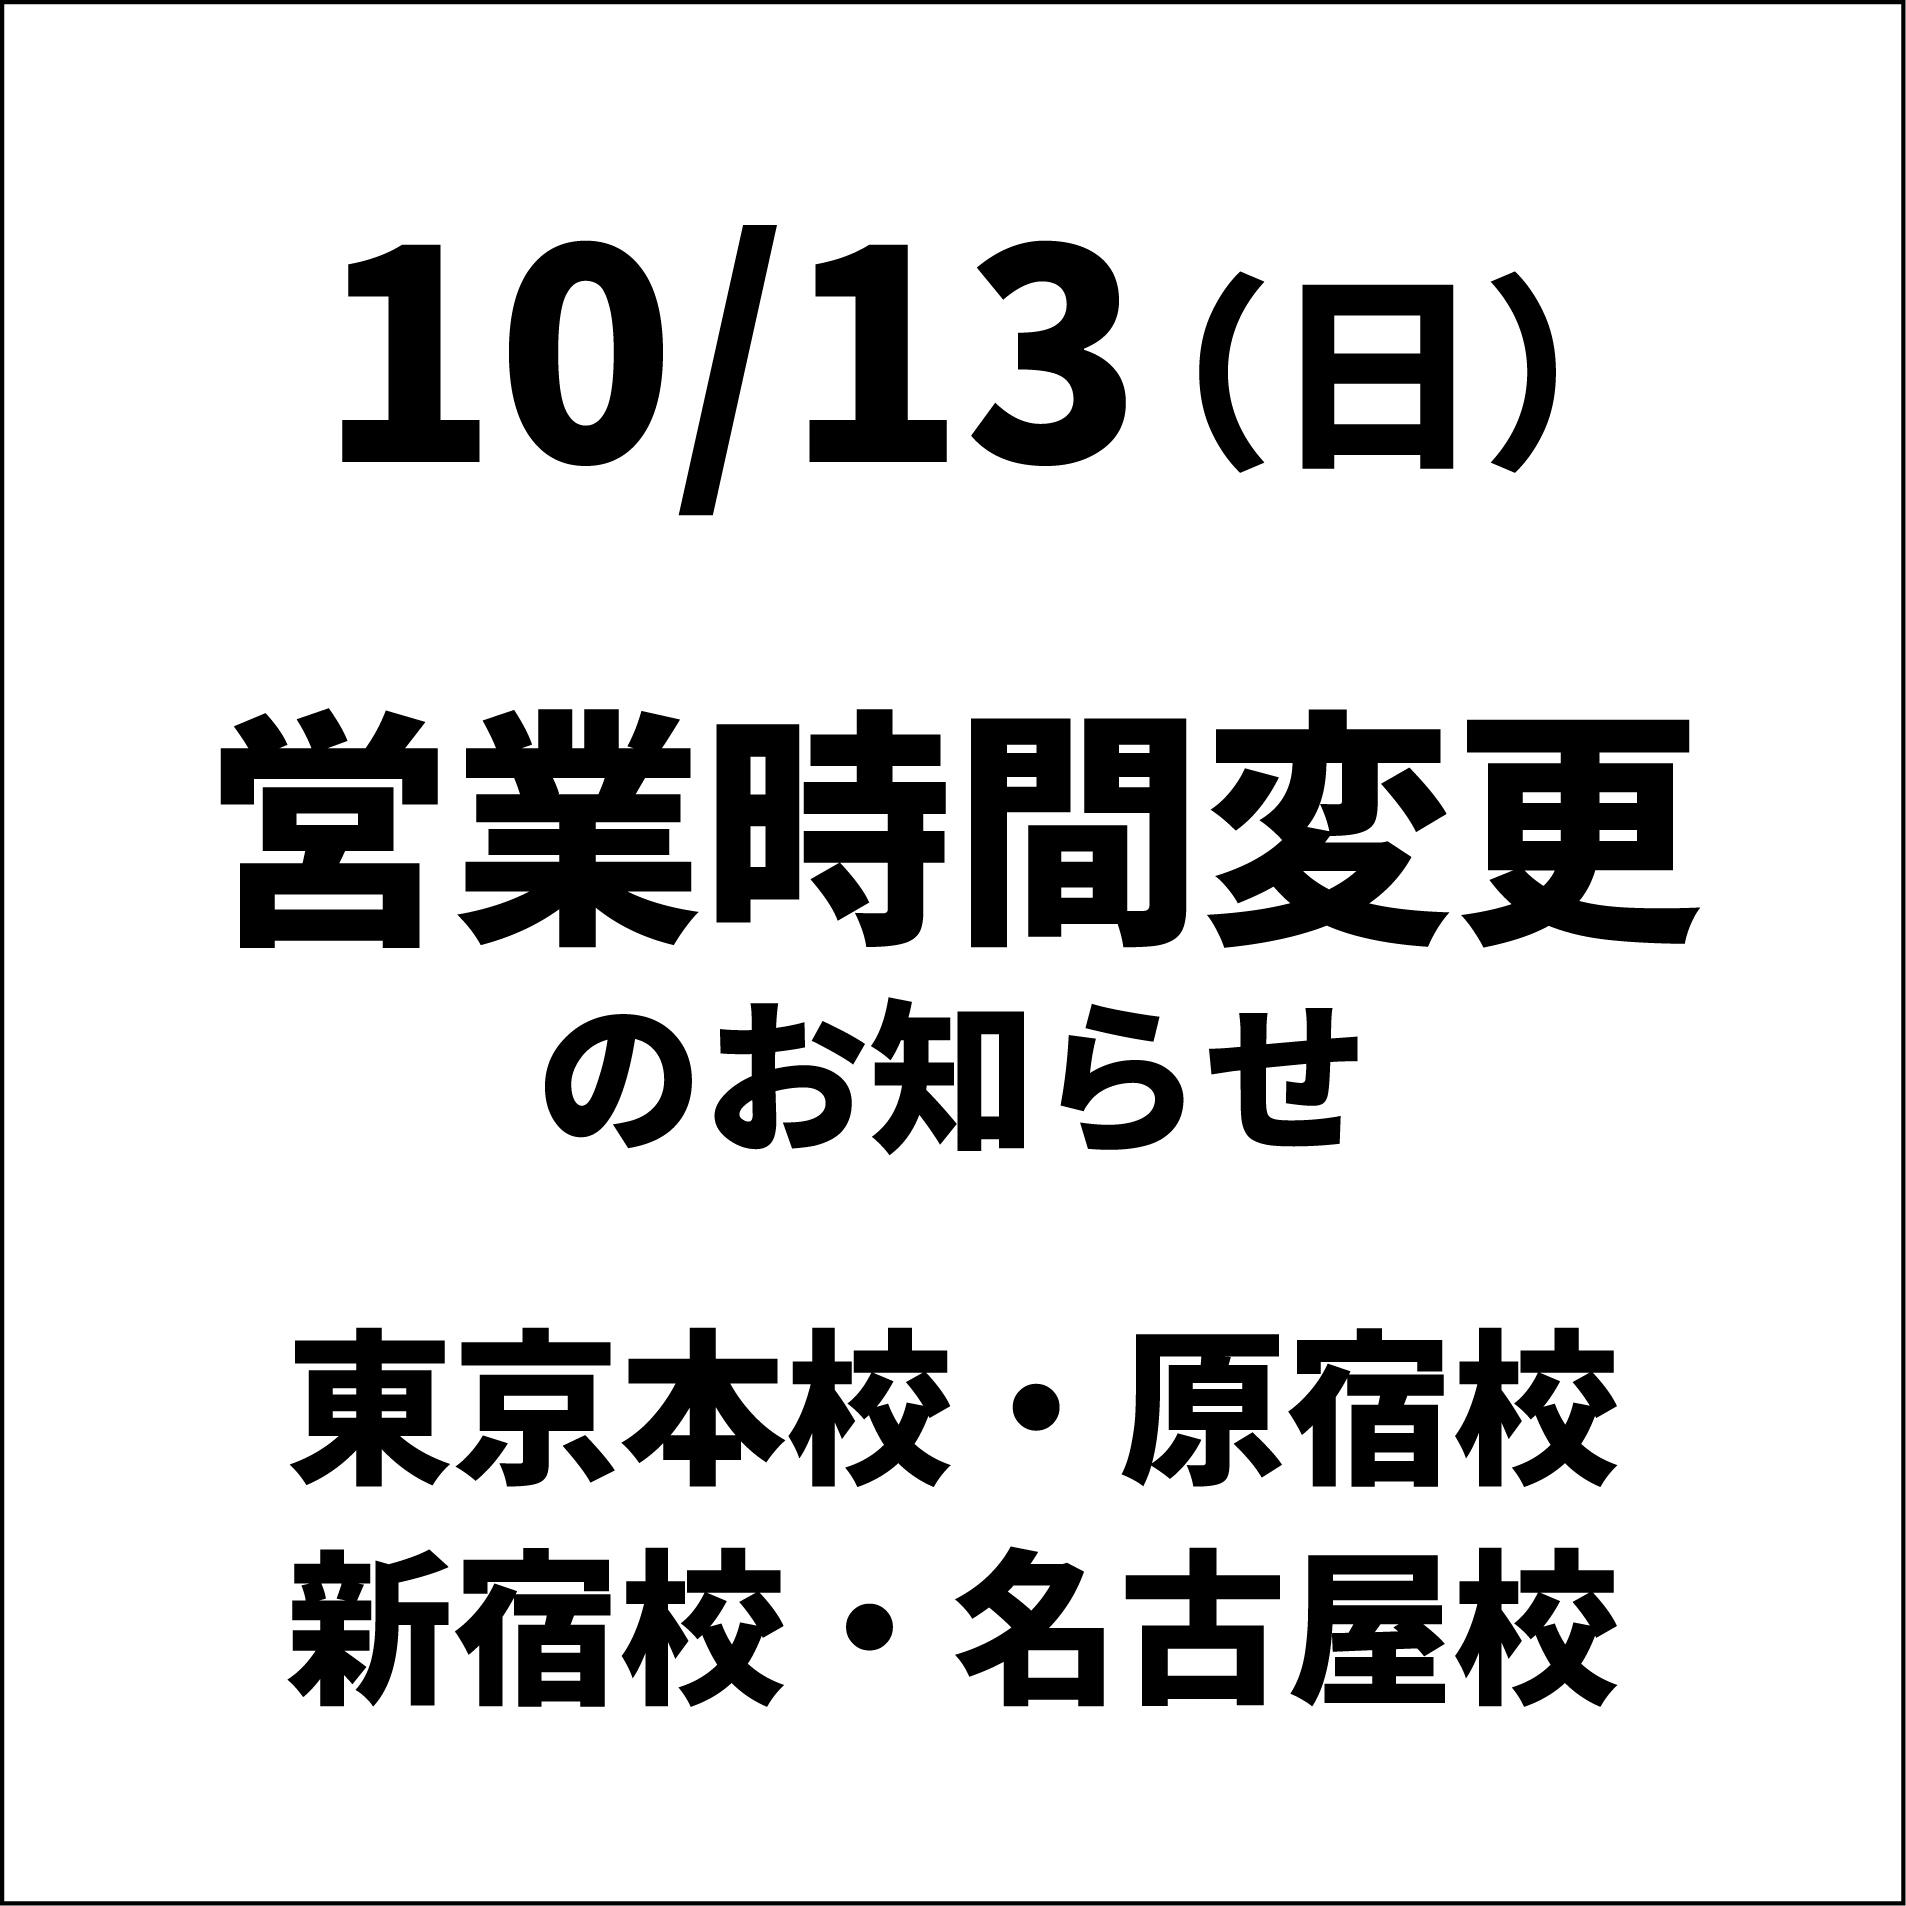 【10/13(日)】【営業時間変更のお知らせ】【東京本校・原宿校・新宿校・名古屋校】